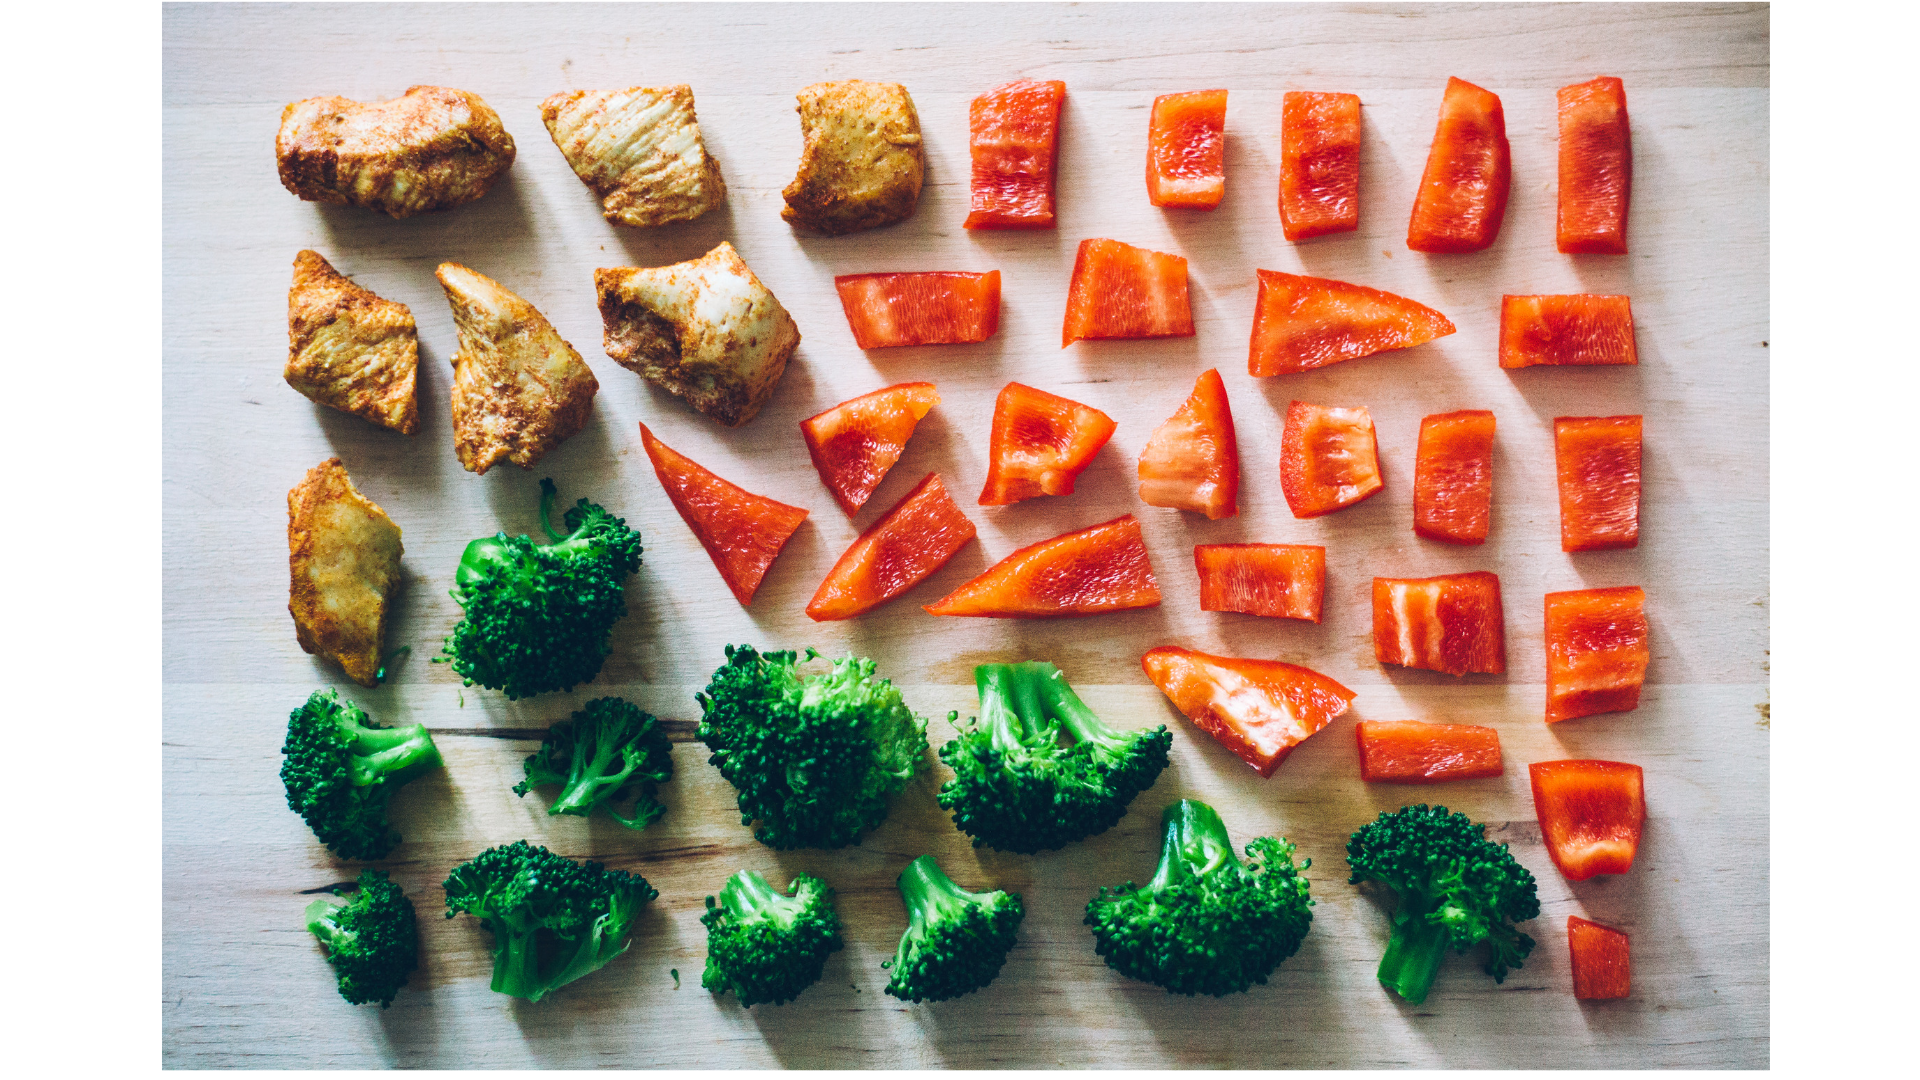 ブロッコリーとカラフル野菜